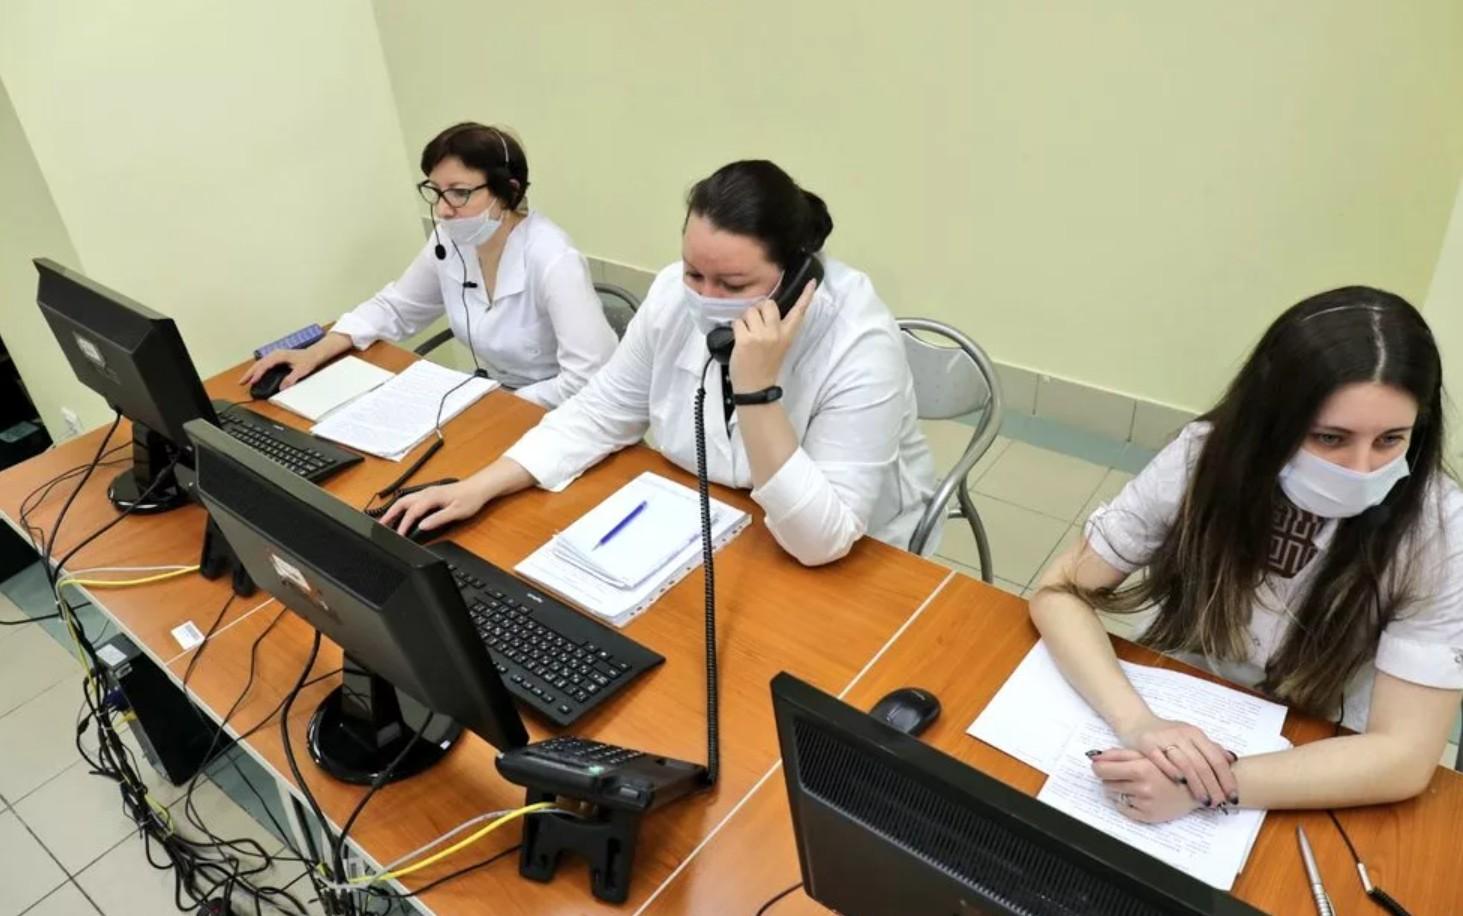 Когда нужно вызывать врача на дом взрослому при коронавирусе в Волгограде?